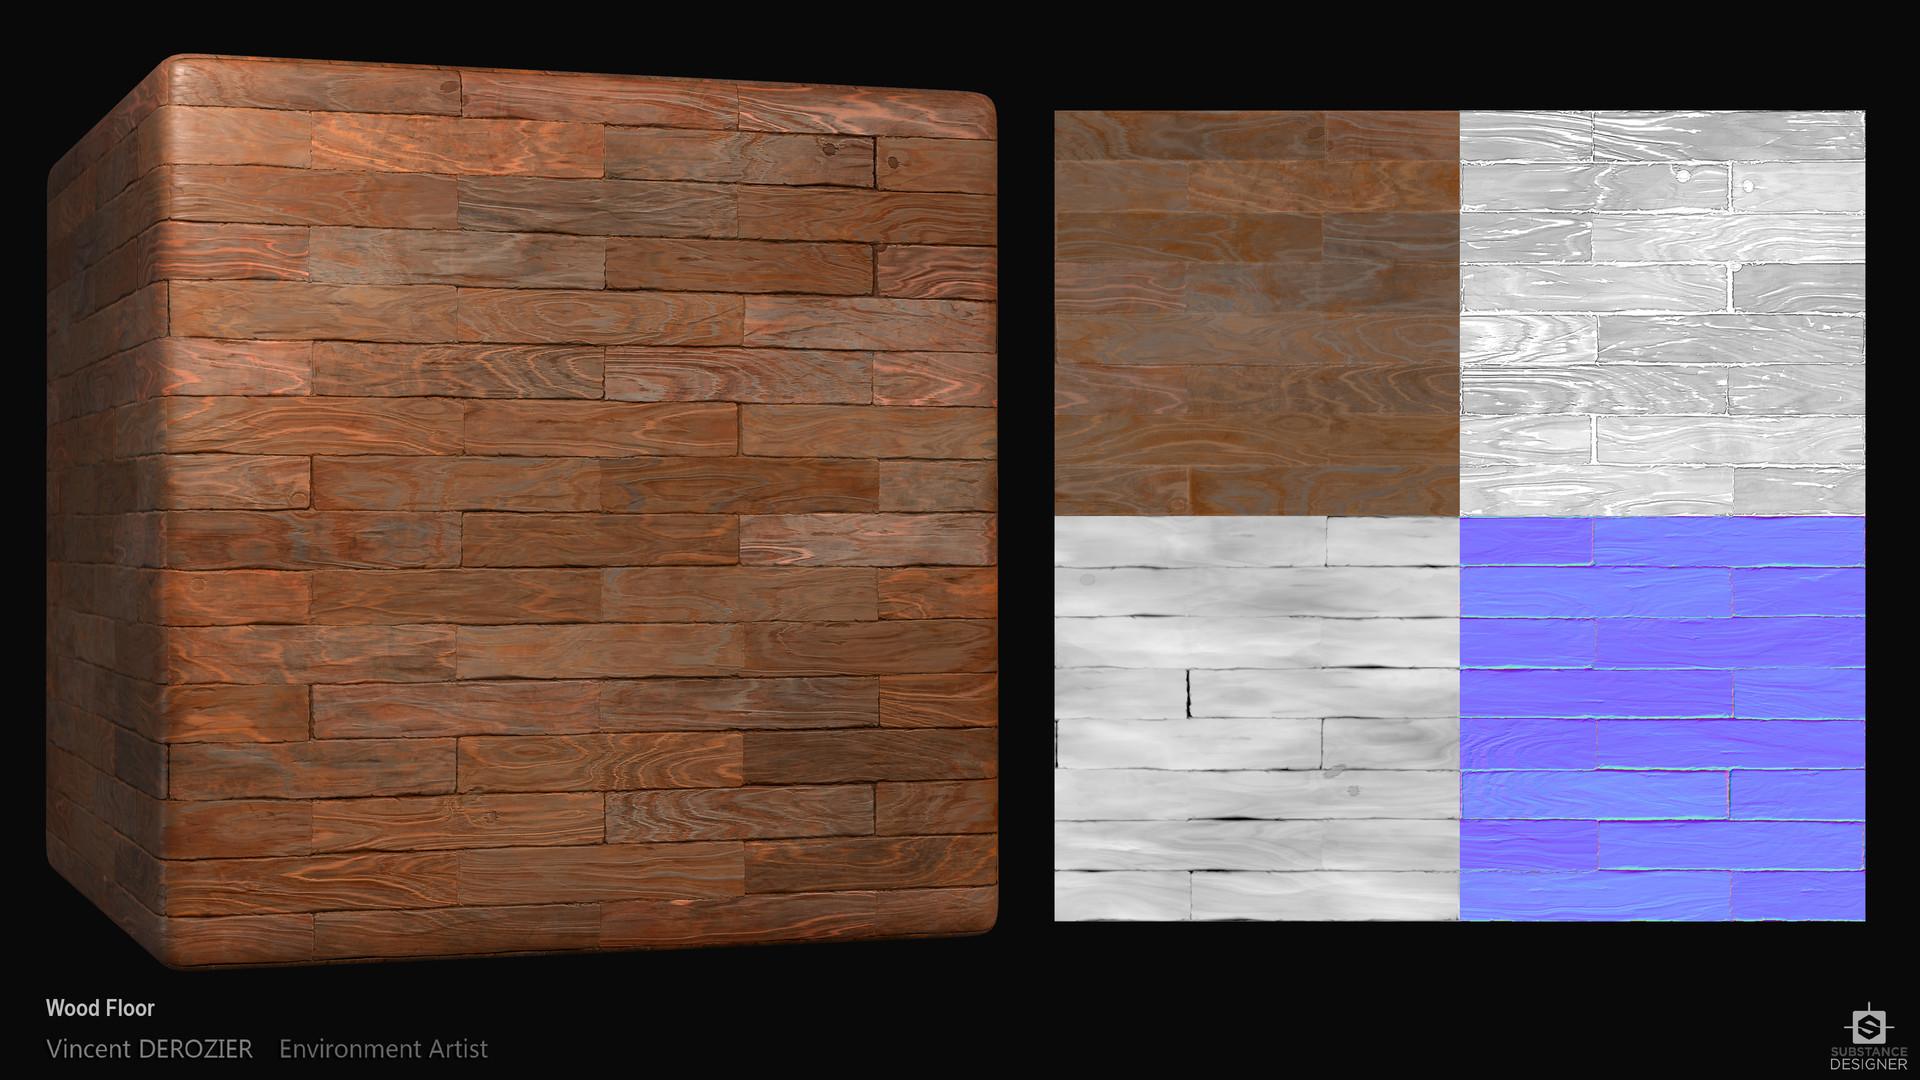 Vincent derozier wood floor render1